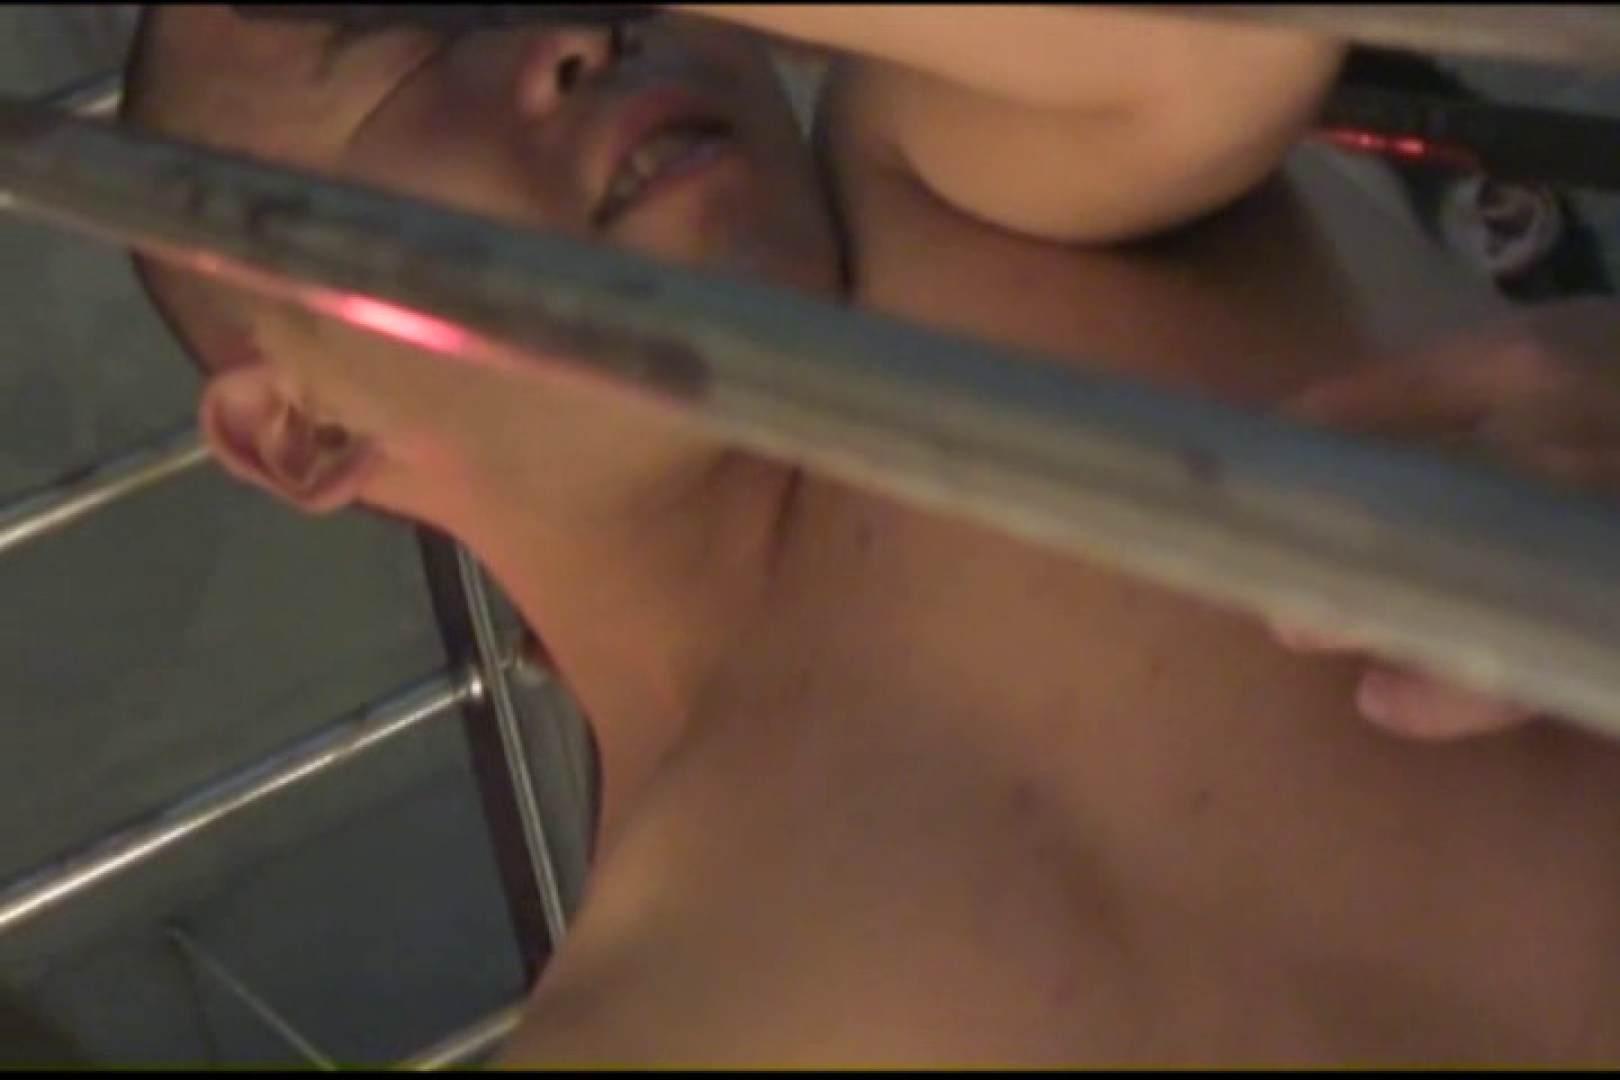 亀田興毅似なボクサーが乳首を弄られ感じる姿。 悶絶   完全無修正でお届け  106pic 34